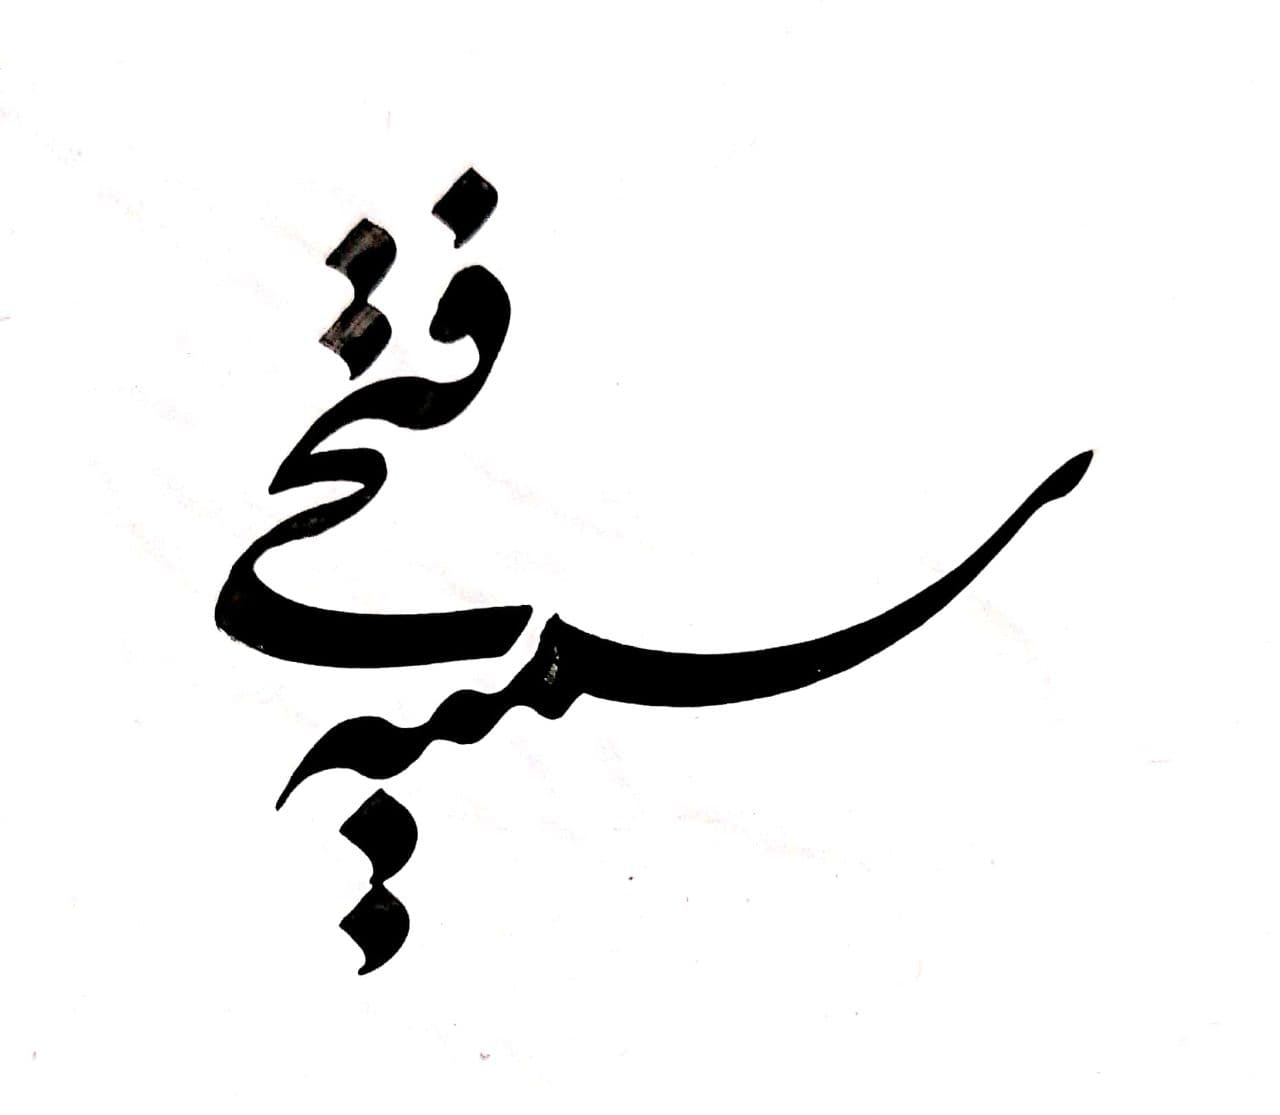 خوشنویسی اسم مناسب برای طراحی تتو، مهرسازی و طراحی لوگو خوشنویسی اسم مناسب برای طراحی تتو، مهرسازی و طراحی لوگو photo 2021 09 18 20 52 58